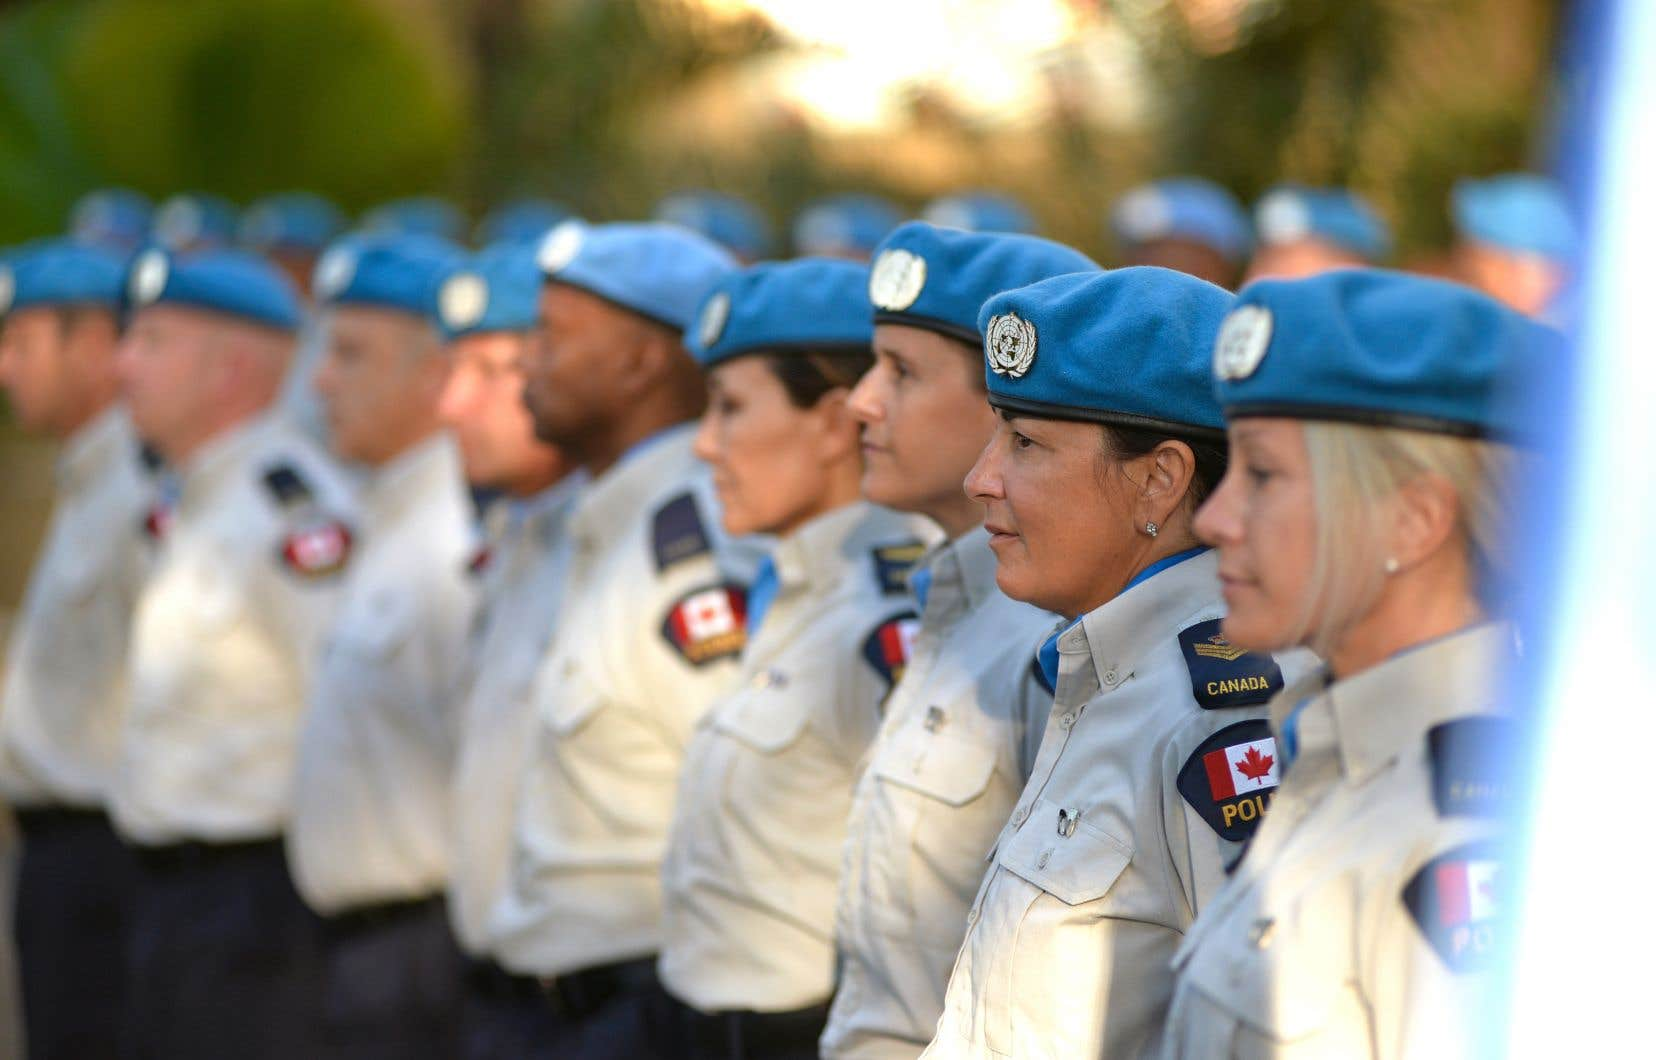 Des policiers québécois membres des Bérets bleus ont reçu une médaille pour souligner leur participation à la mission de l'ONU à Haïti, en 2017.